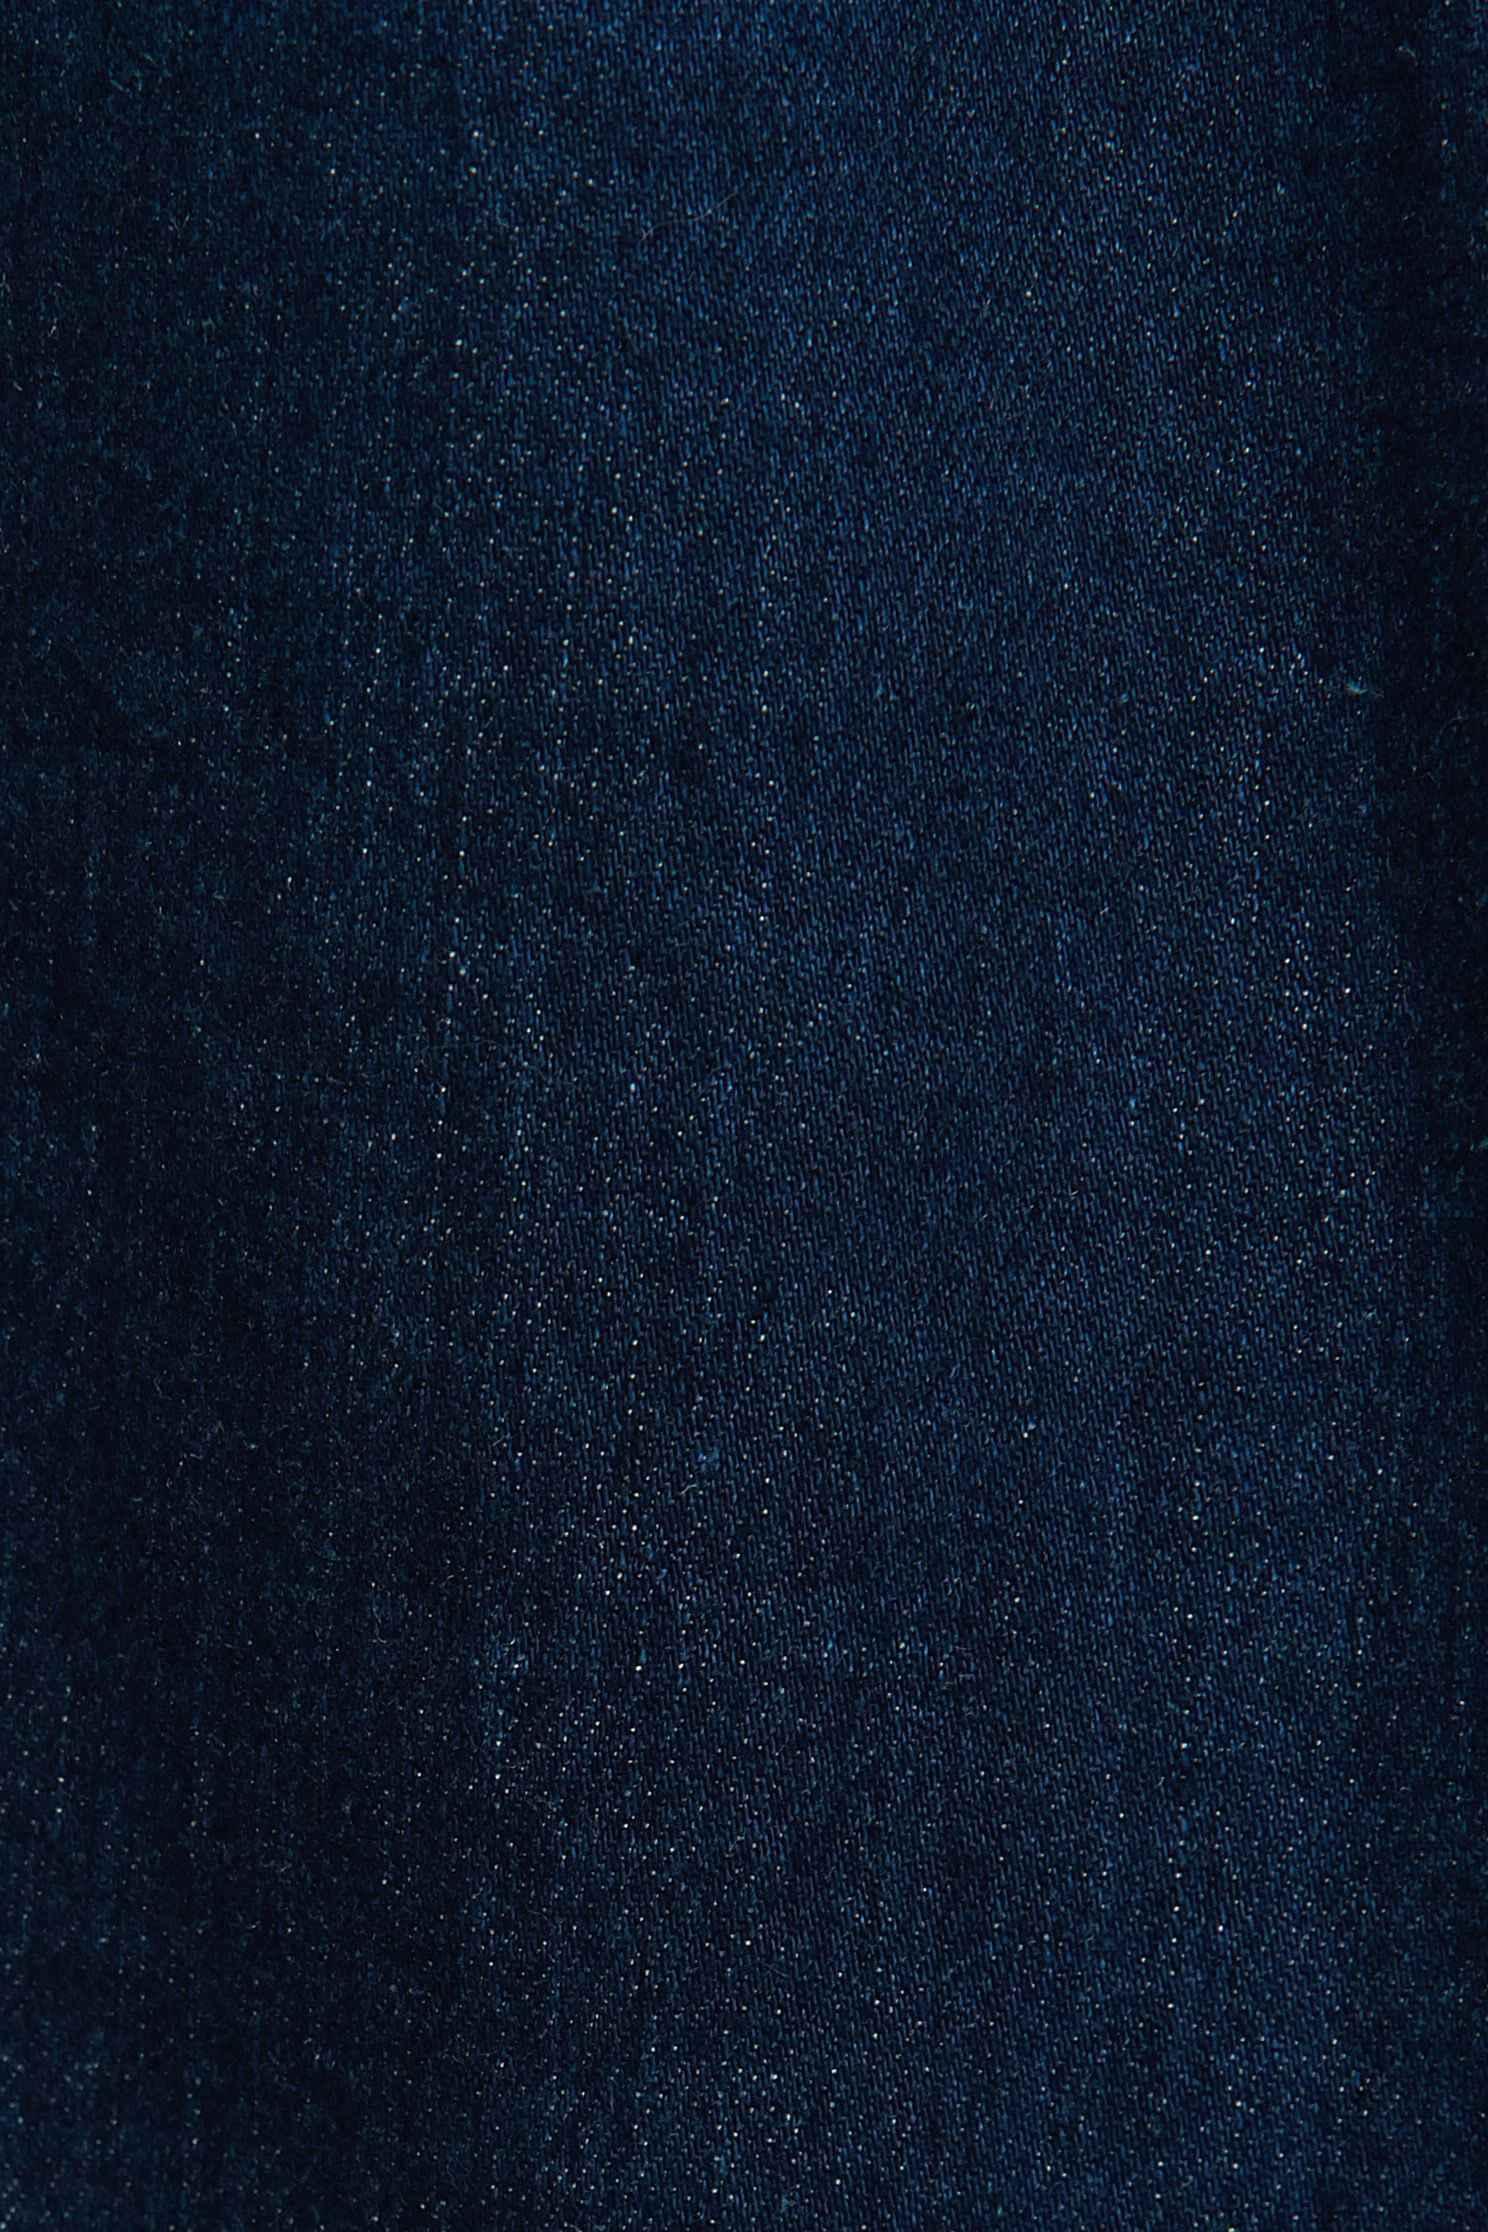 橘條修身牛仔褲,丹寧,牛仔,牛仔褲,牛仔長褲,秋冬穿搭,長褲,顯瘦褲子